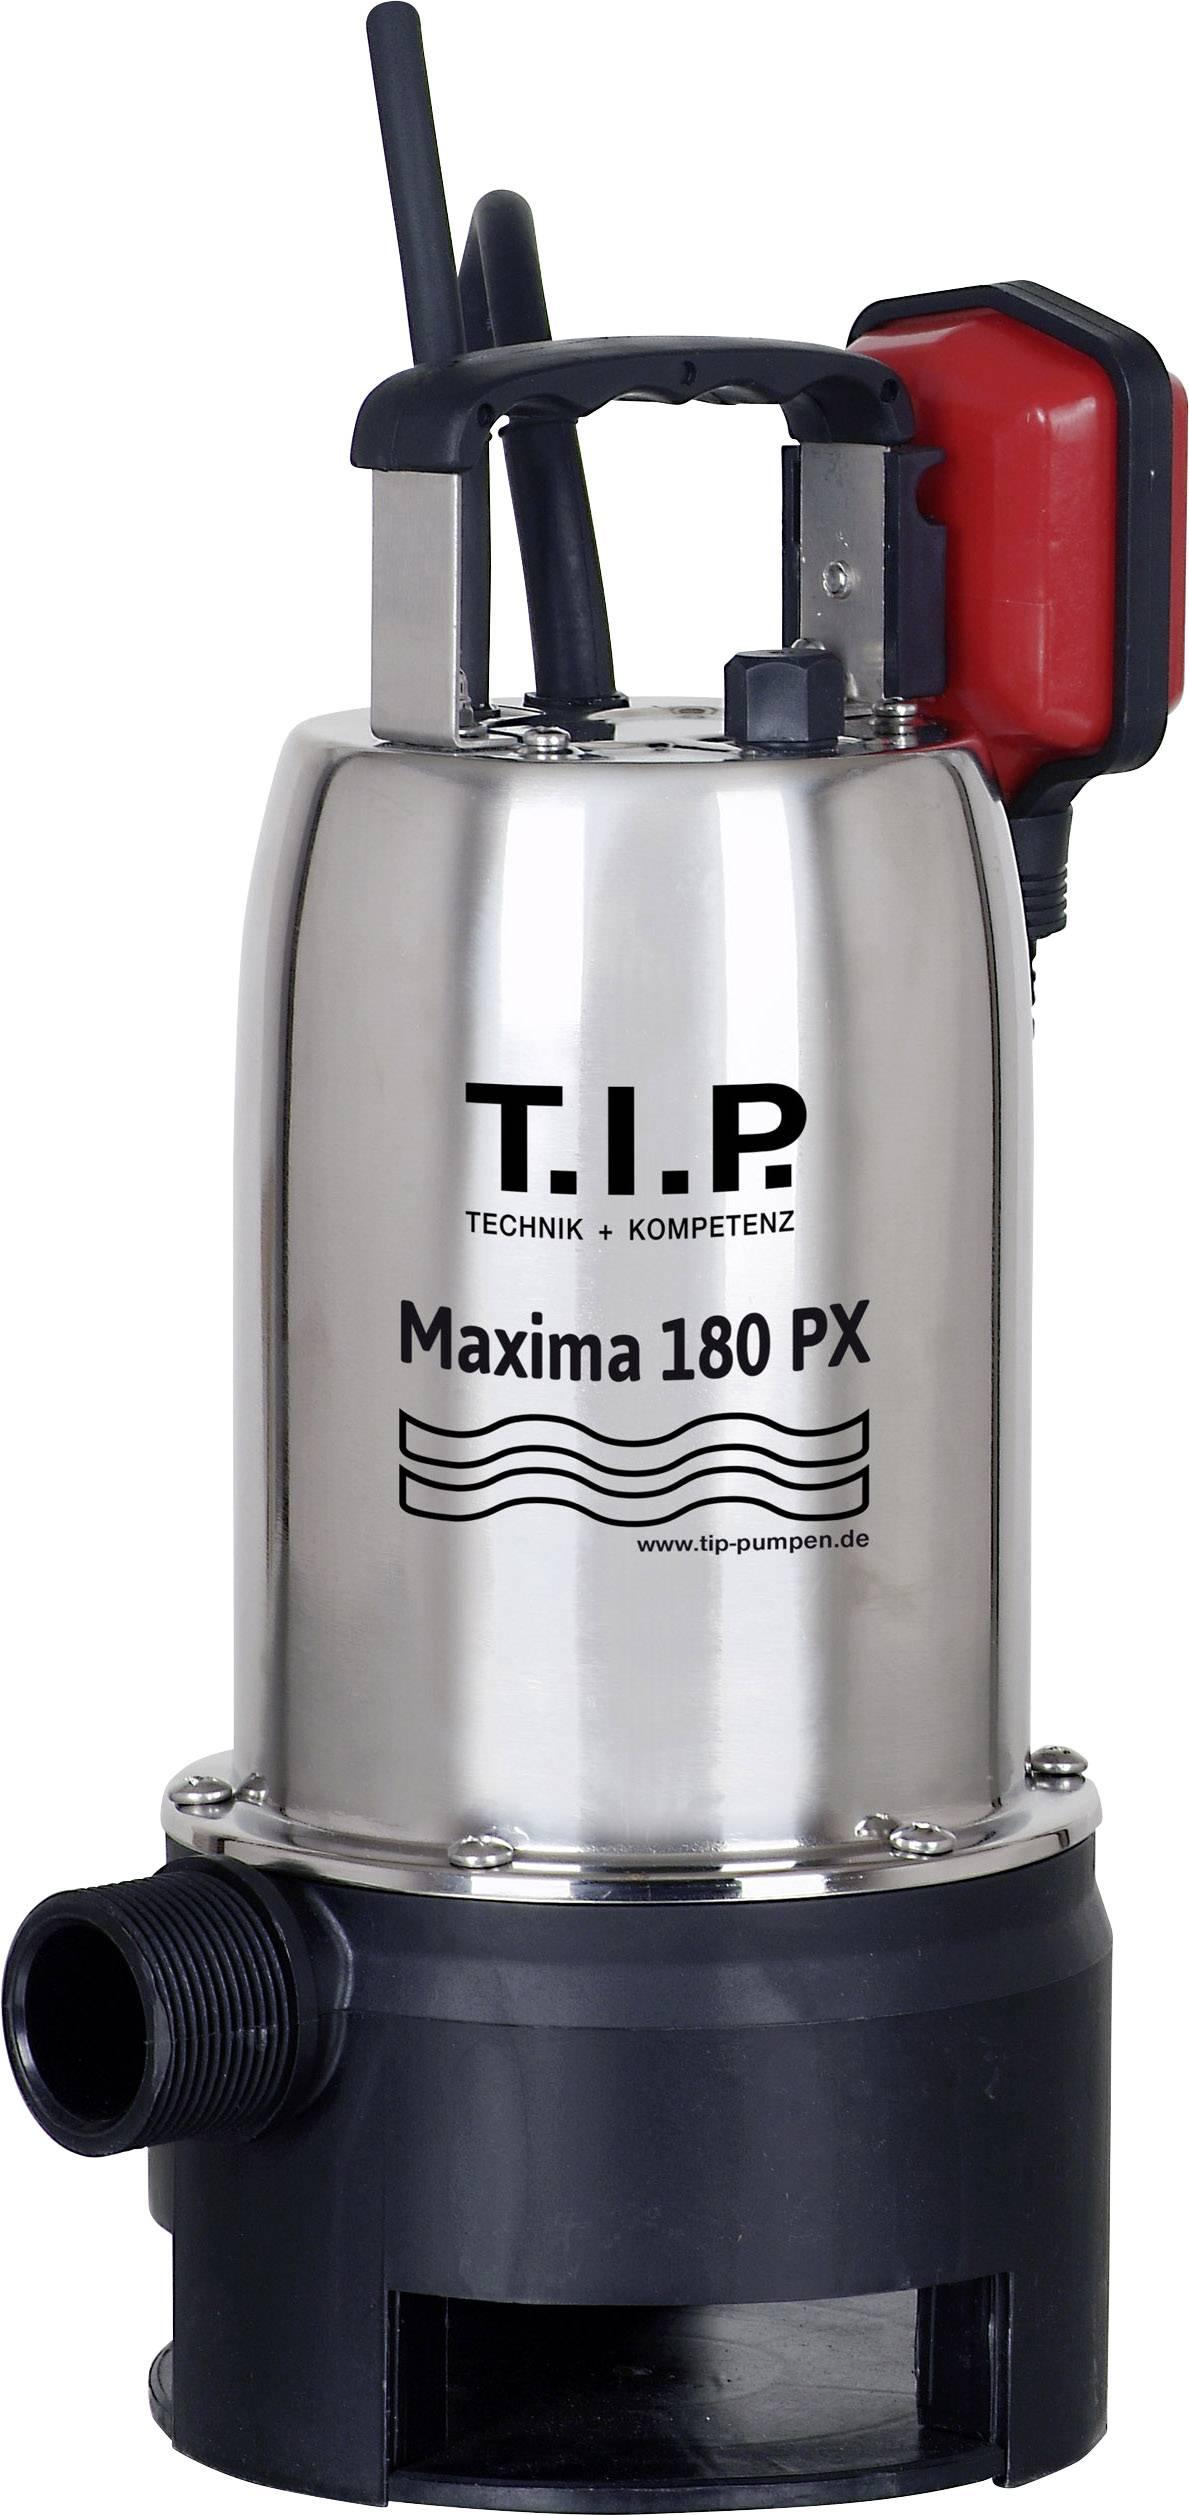 Kalové ponorné čerpadlo T.I.P. Pumpen Maxima 180 SX, 10500 l/h, výtlak do 7 m